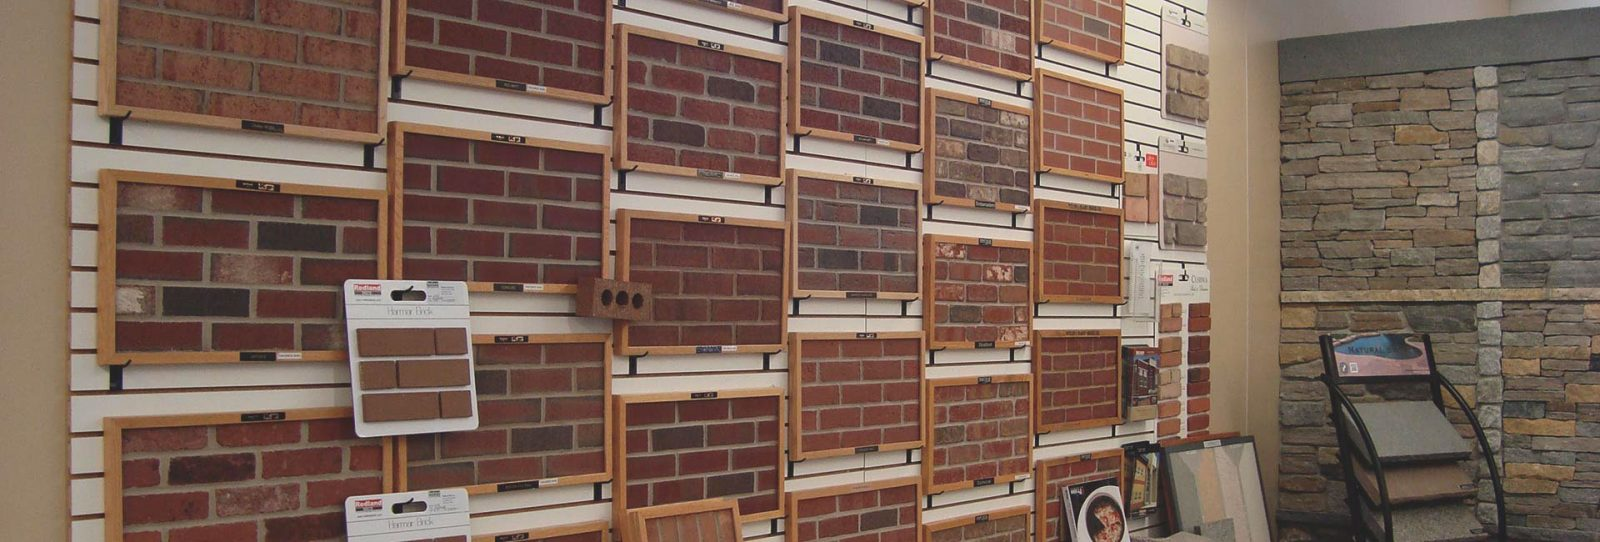 Masonry Products Archives - Camoose Masonry Supply